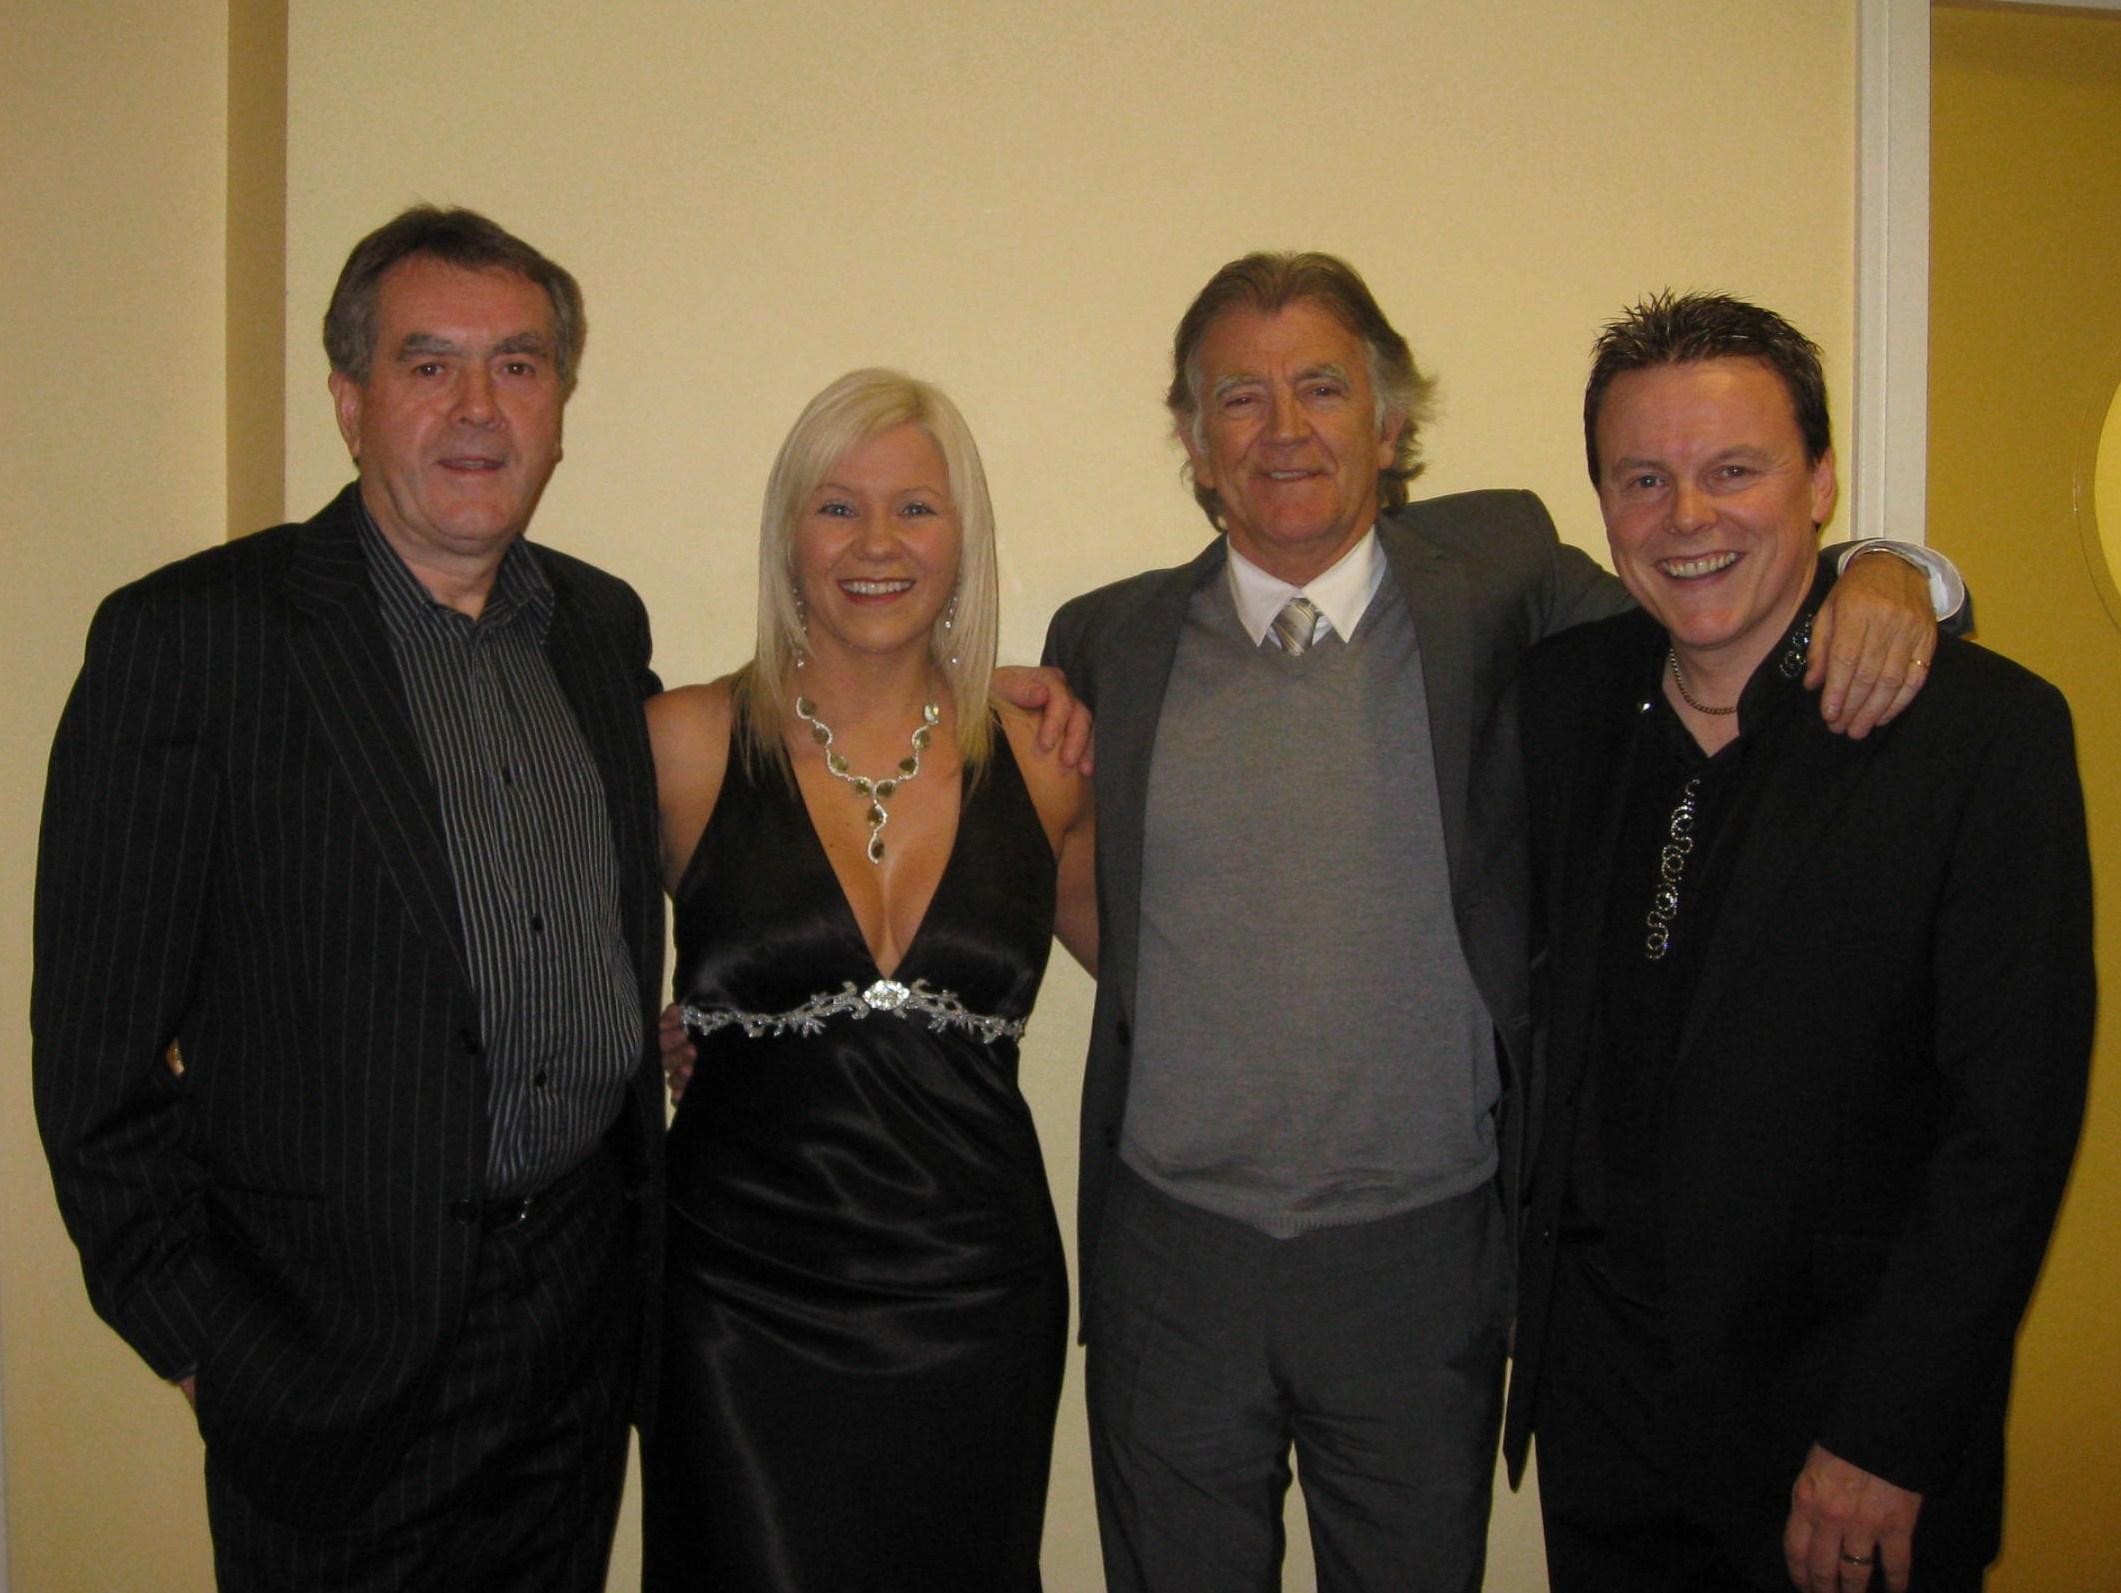 Sean Coyle, FE, Gerry Anderson & TM - Nov 2009